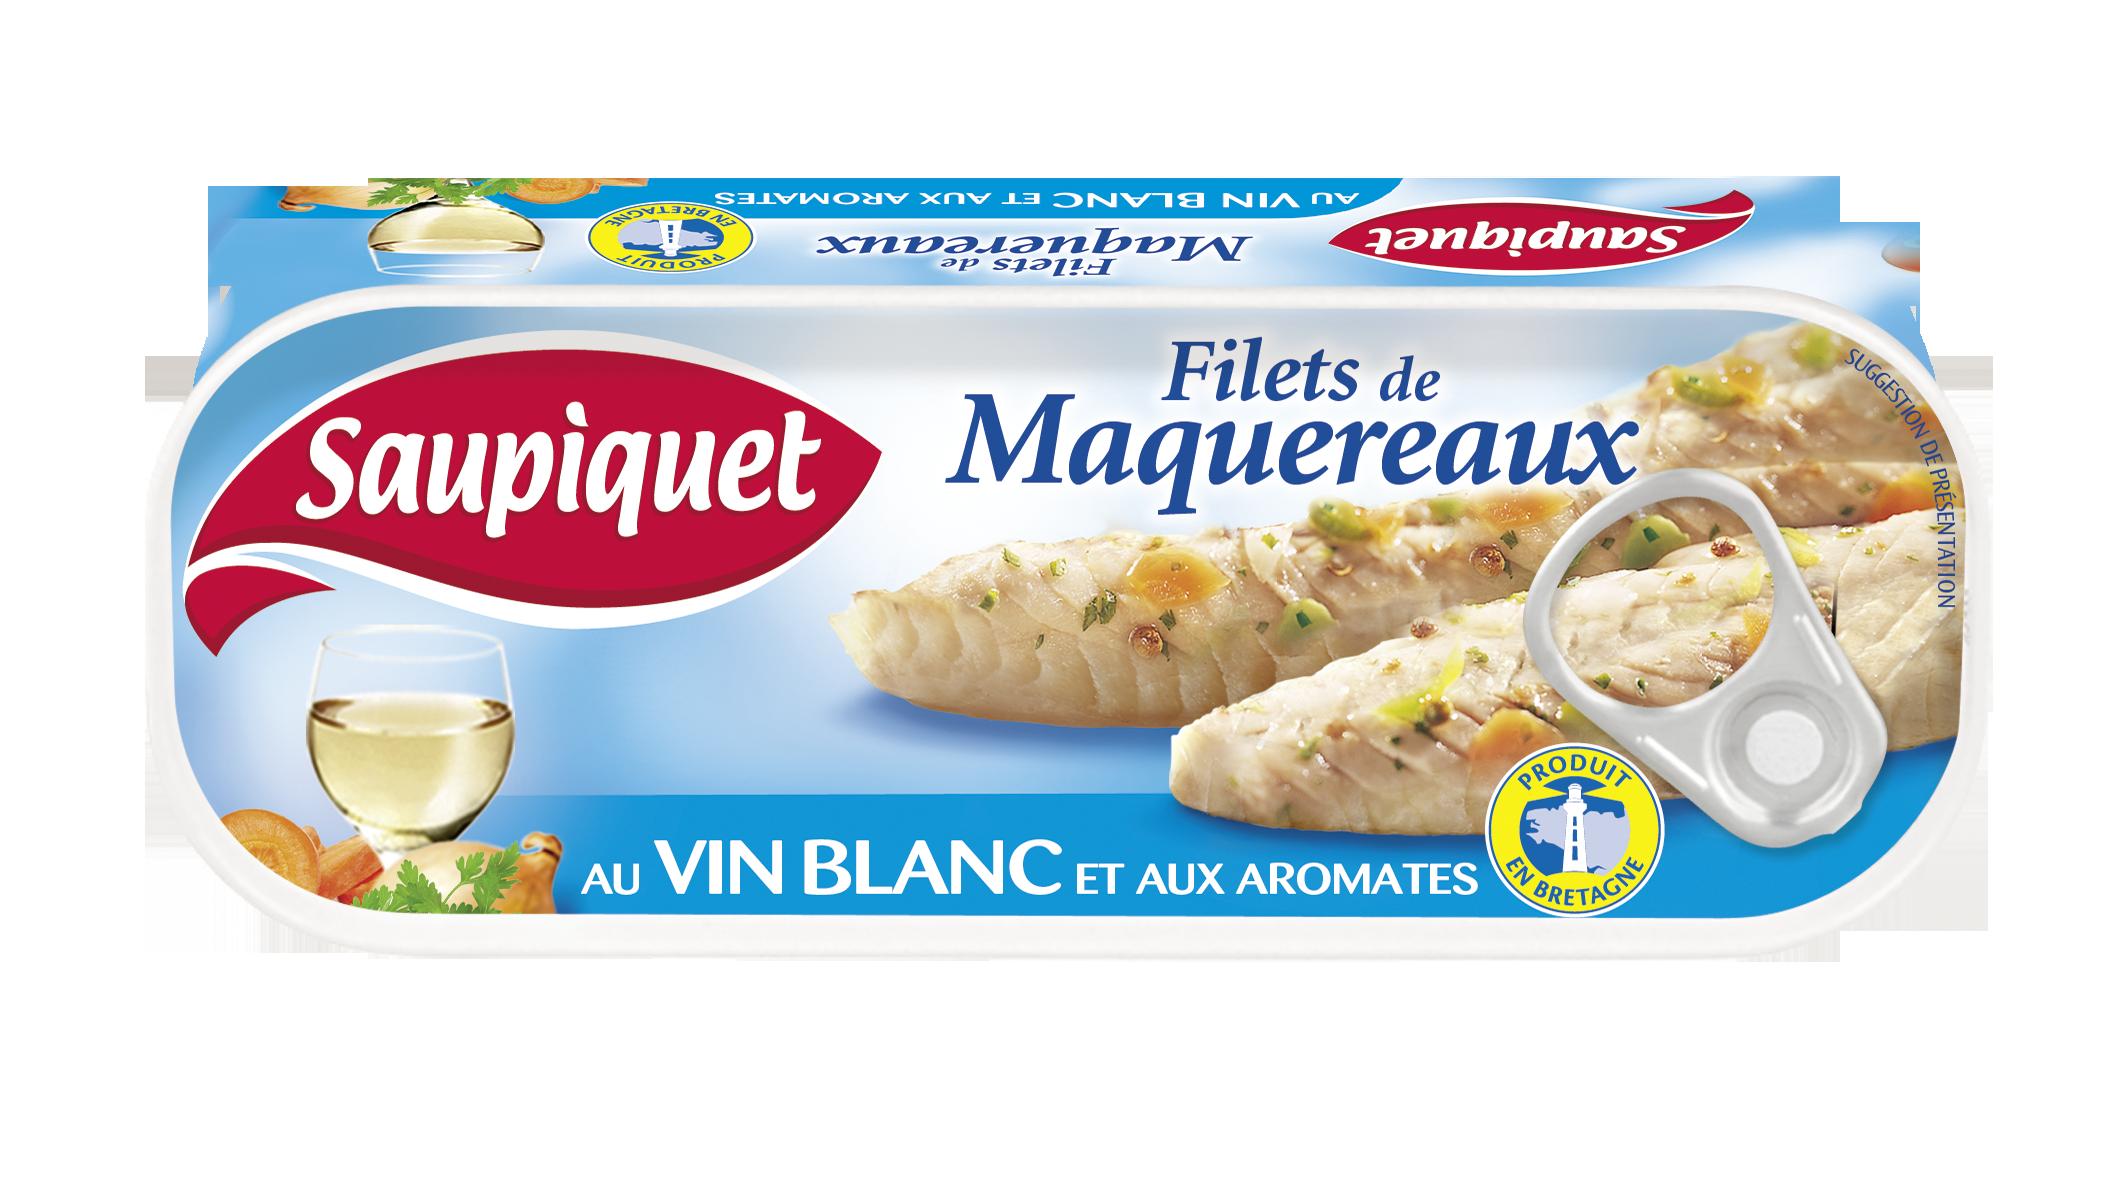 Filets de maquereaux au vin blanc et aux aromates en lot, Saupiquet (2 x 169 g)